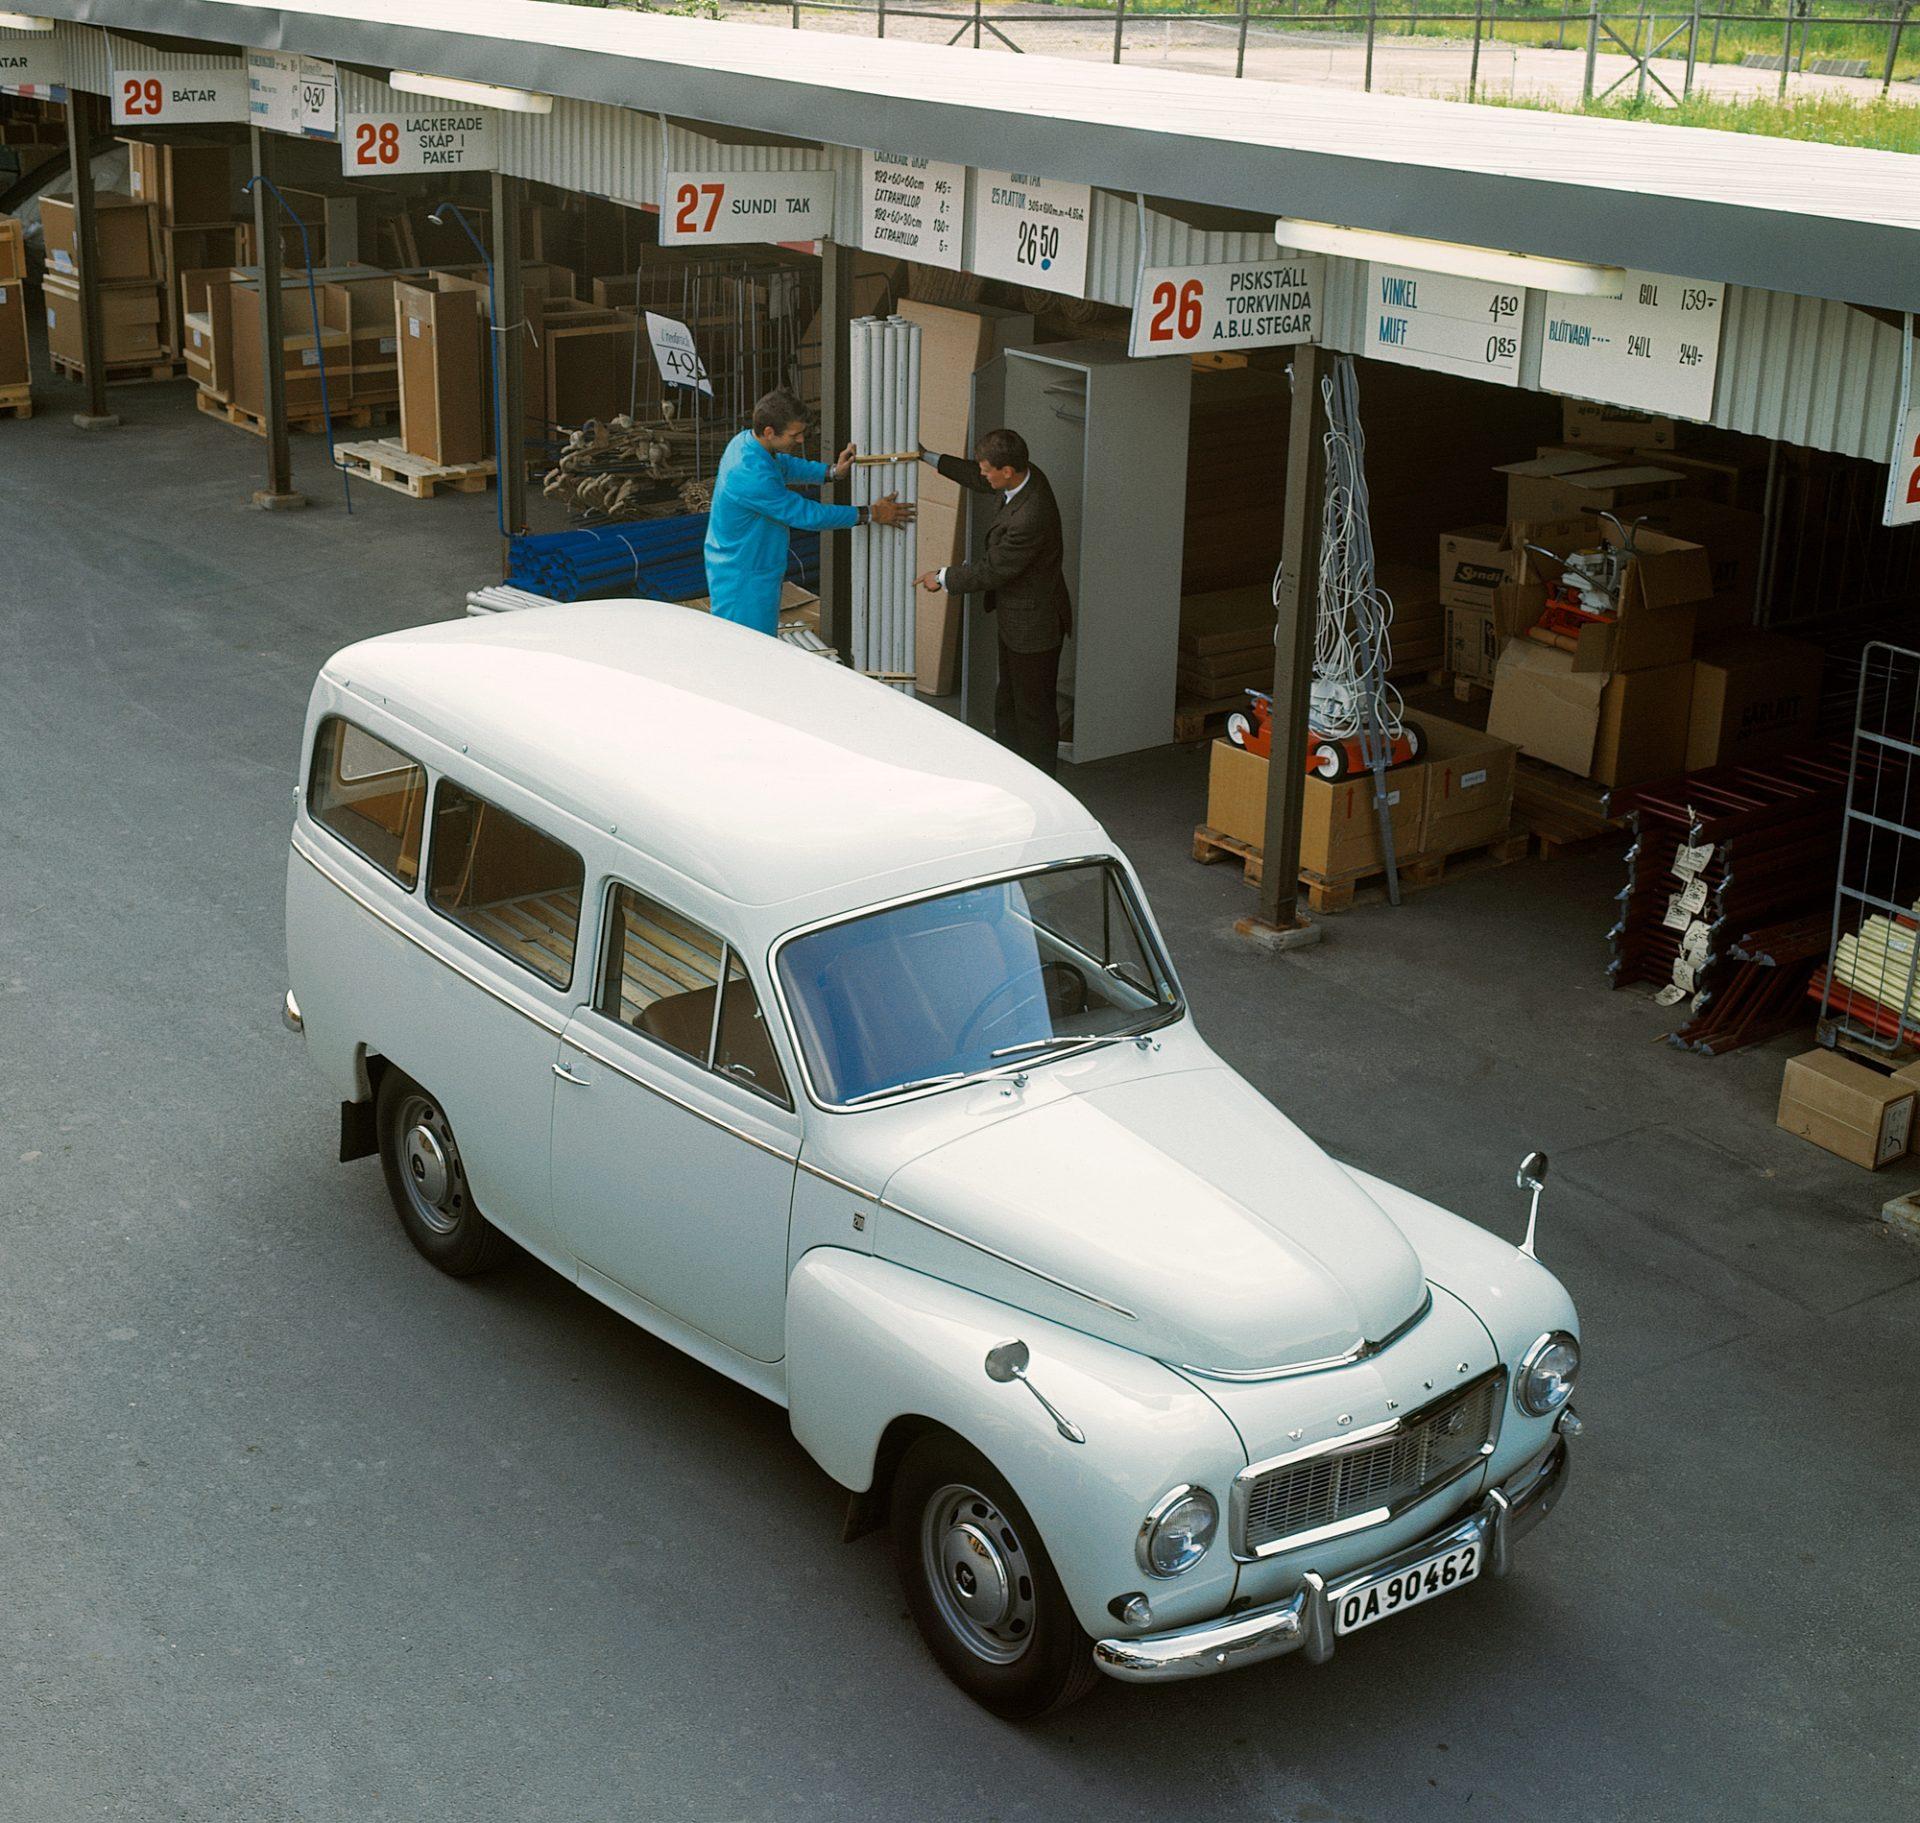 Volvo_P210_Duett_02